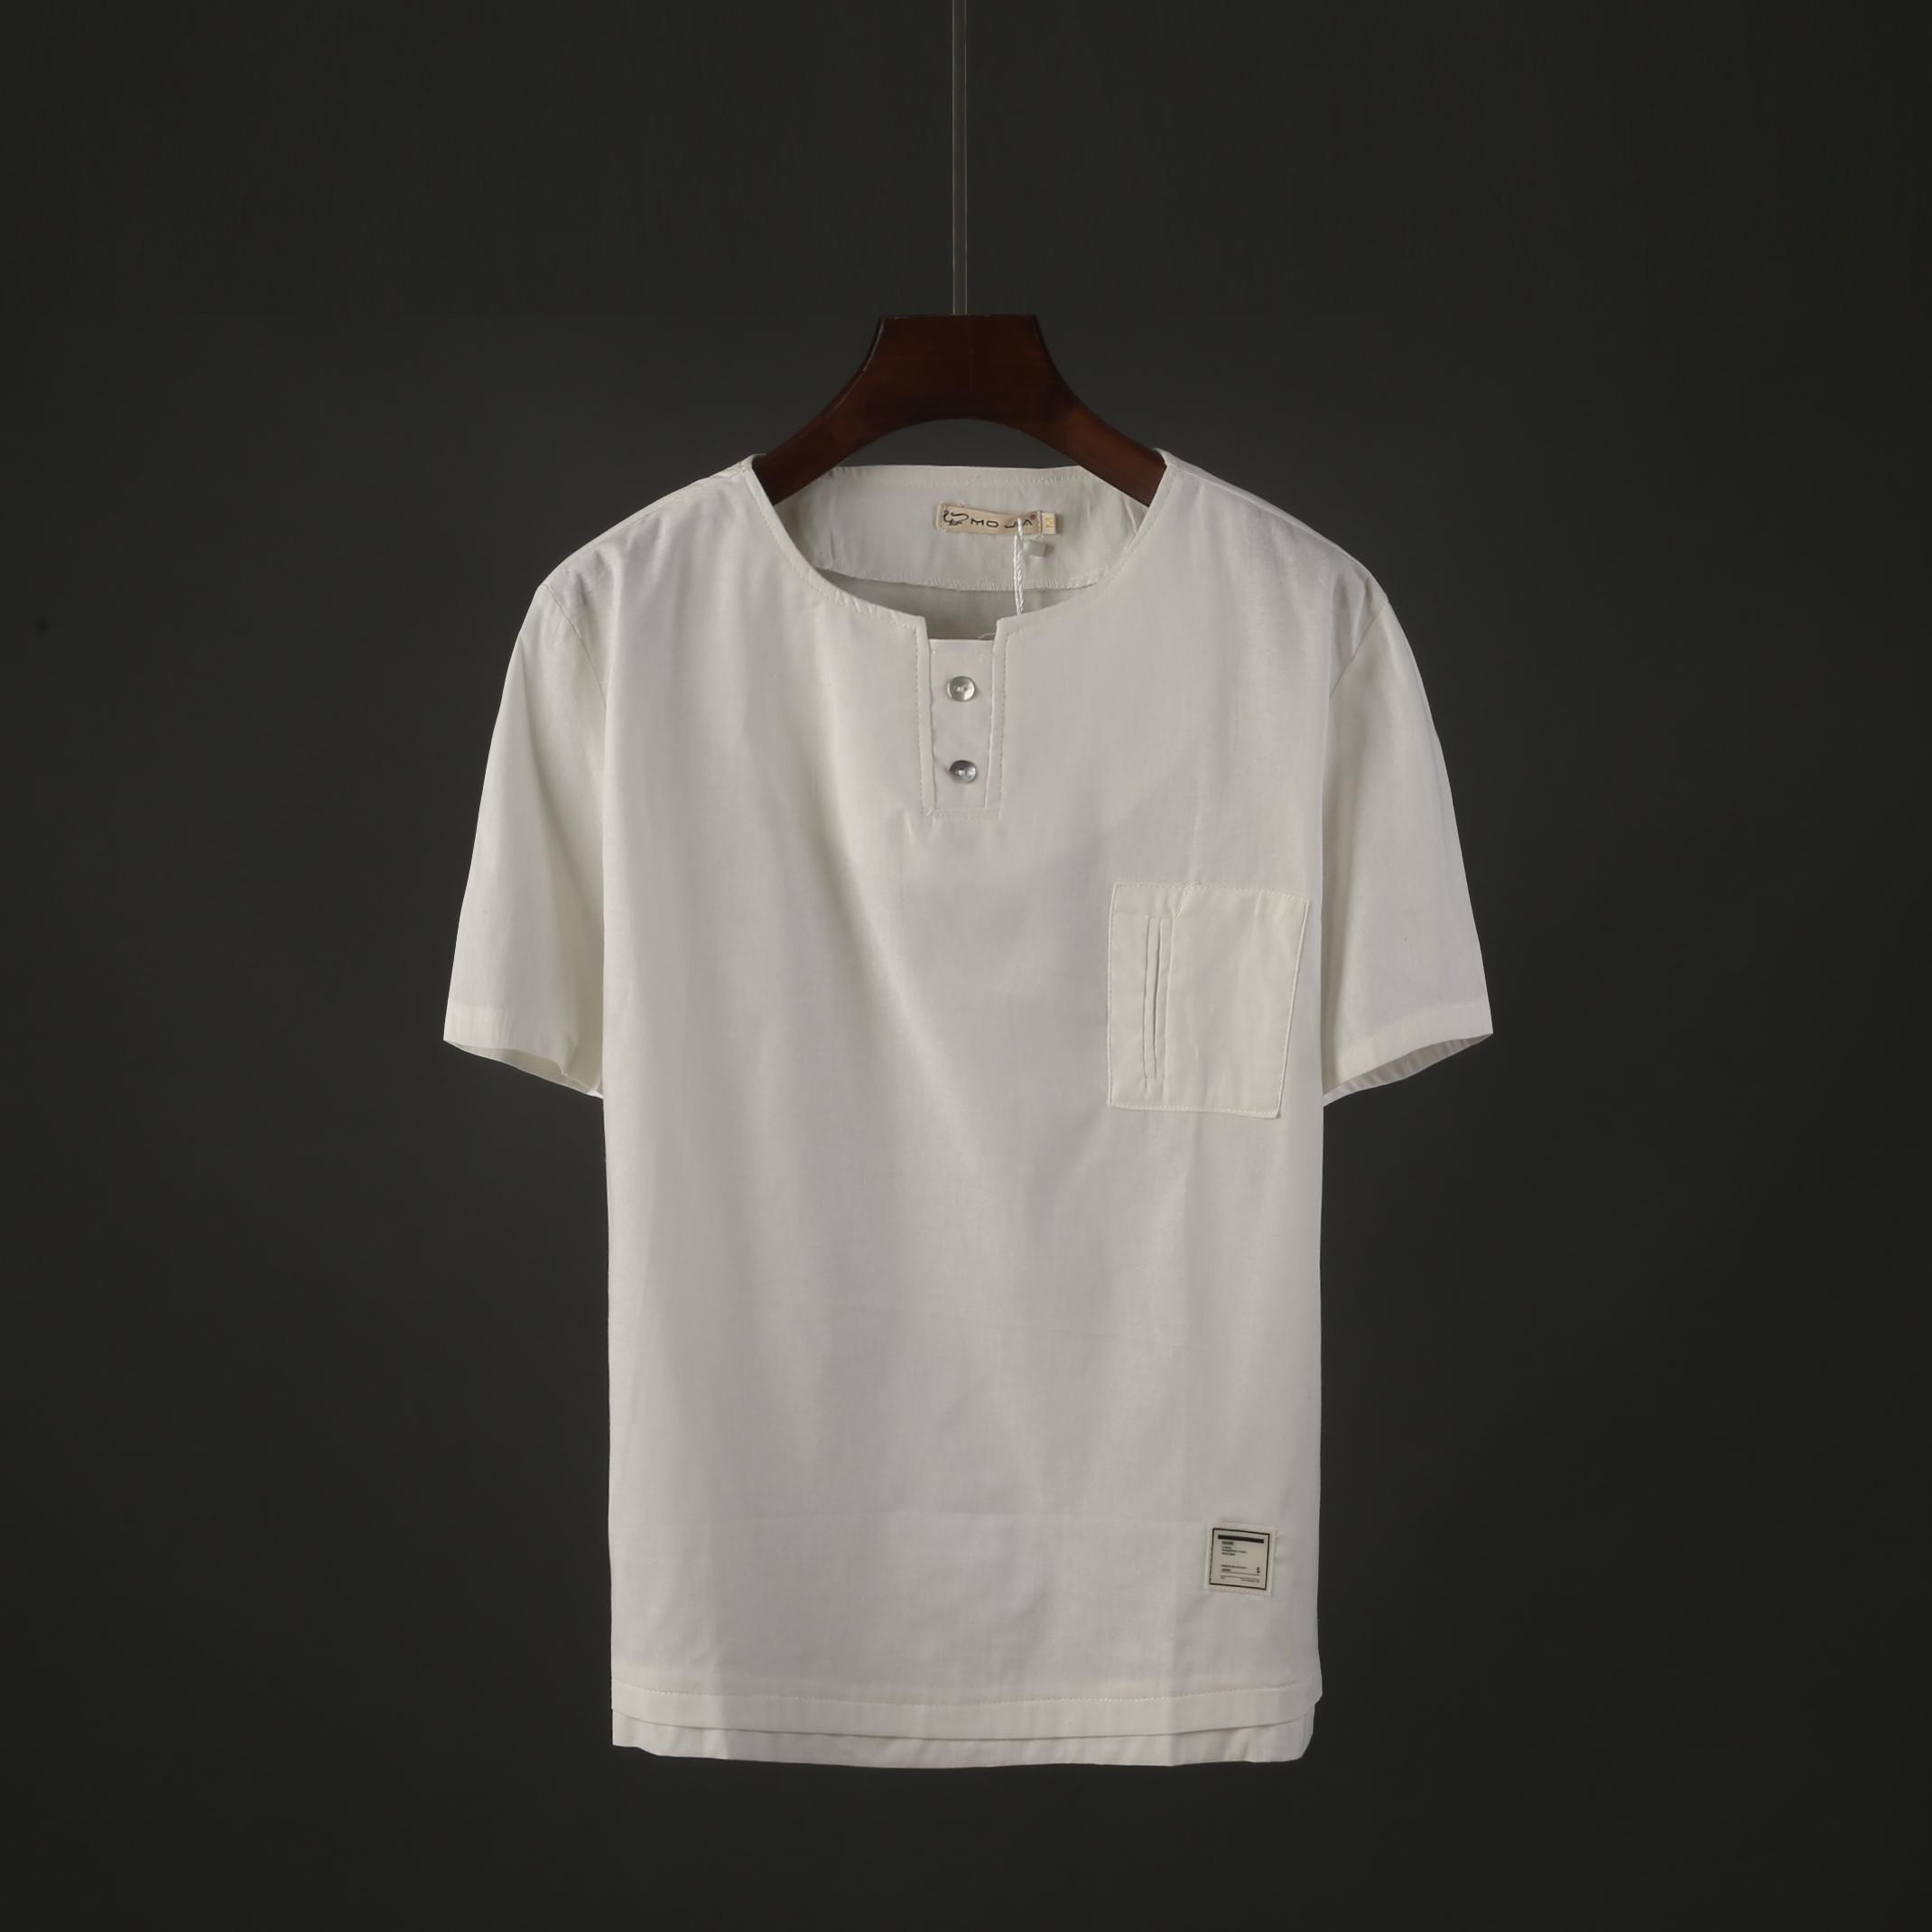 日系新款男士宽松短袖T恤夏季百搭纯色简约帅气男装半袖上衣171011月30日最新优惠